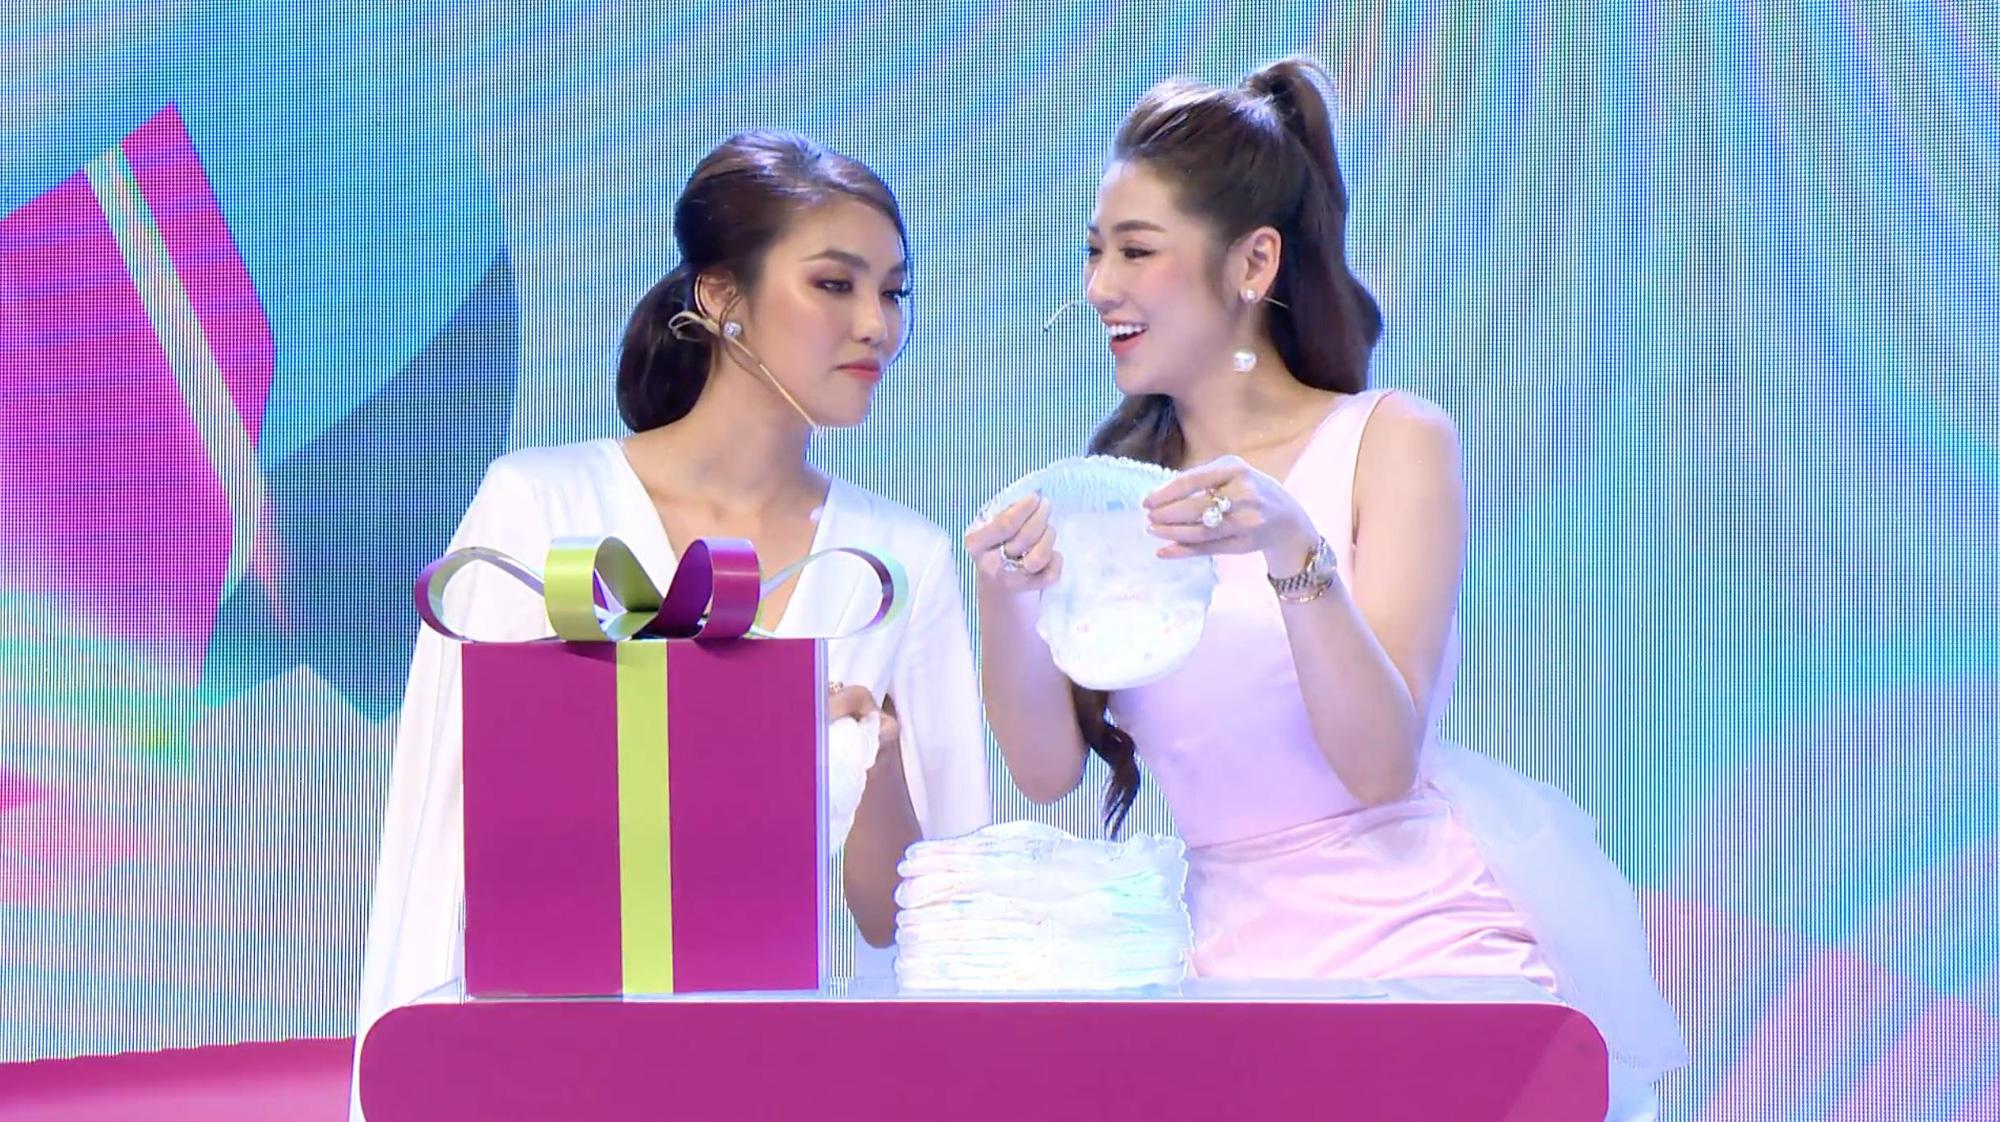 """Điều gì khiến dàn khách mời siêu mẫu Lan Khuê, Á hậu Tú Anh kinh ngạc trong sự kiện """"hạ cánh"""" siêu phẩm từ nhãn hiệu tã nổi tiếng? - Ảnh 8."""